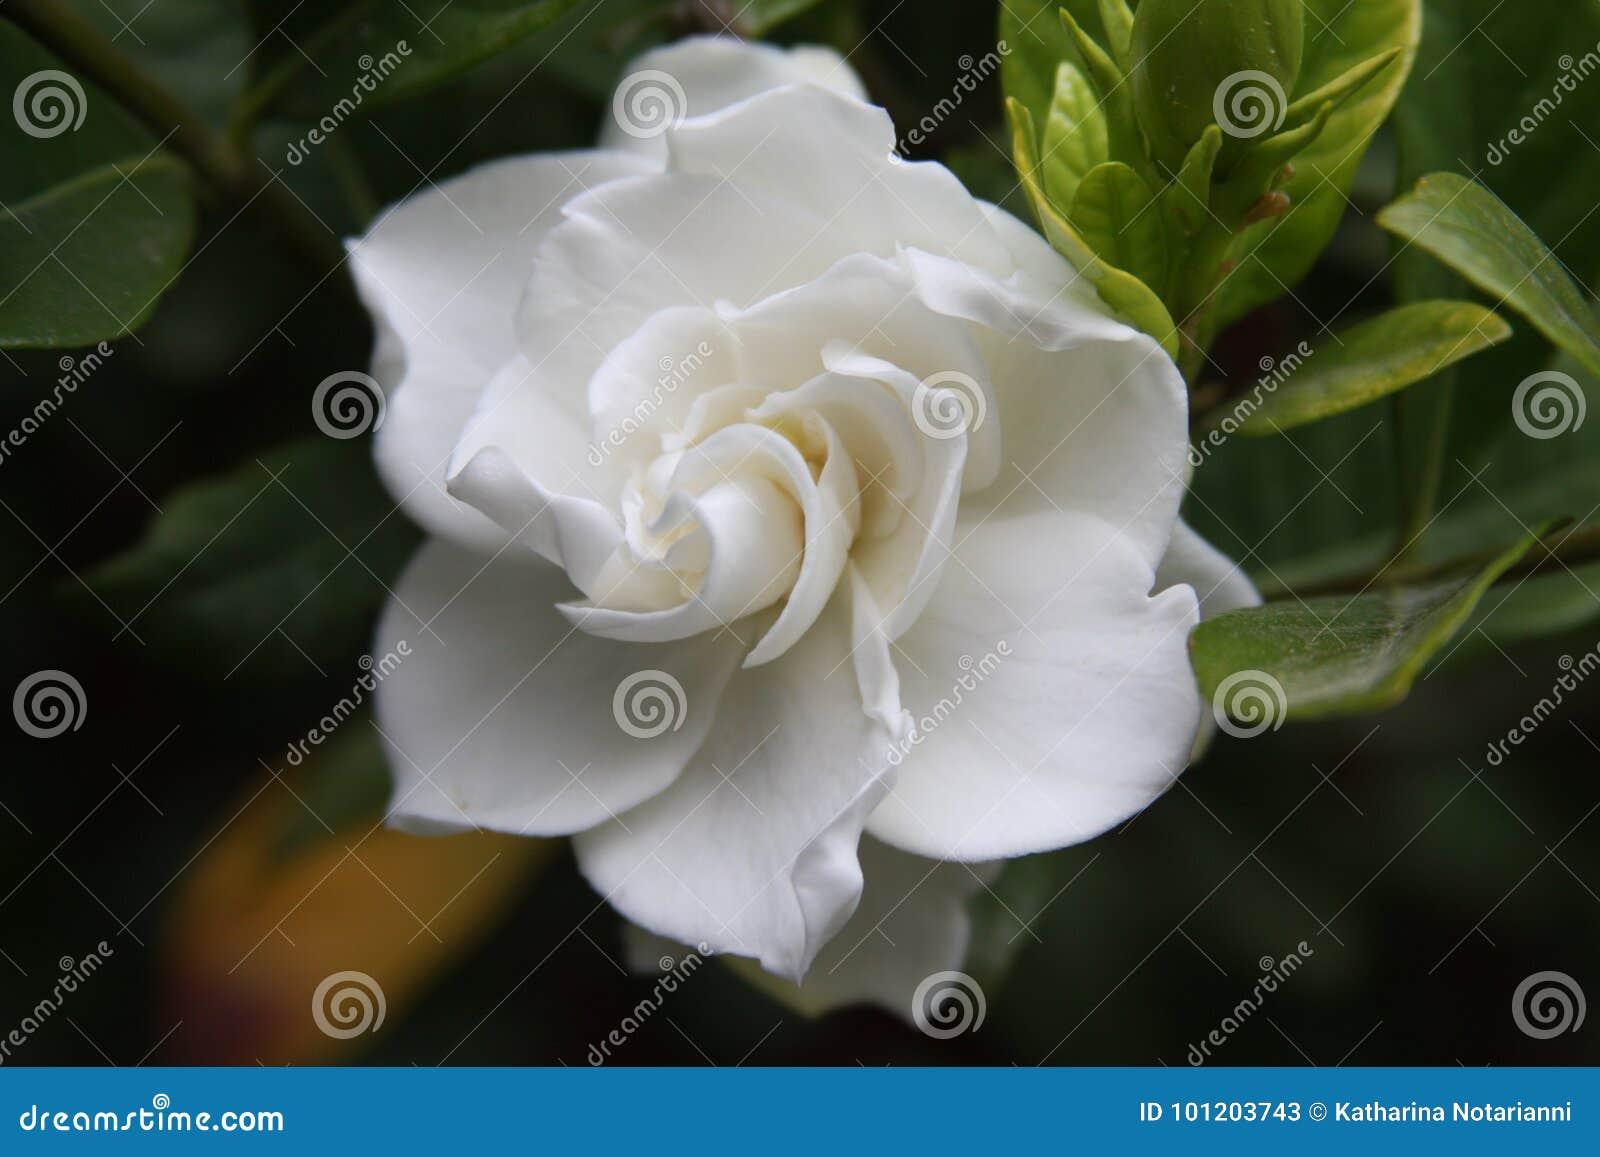 Gardenia Flower Close Up